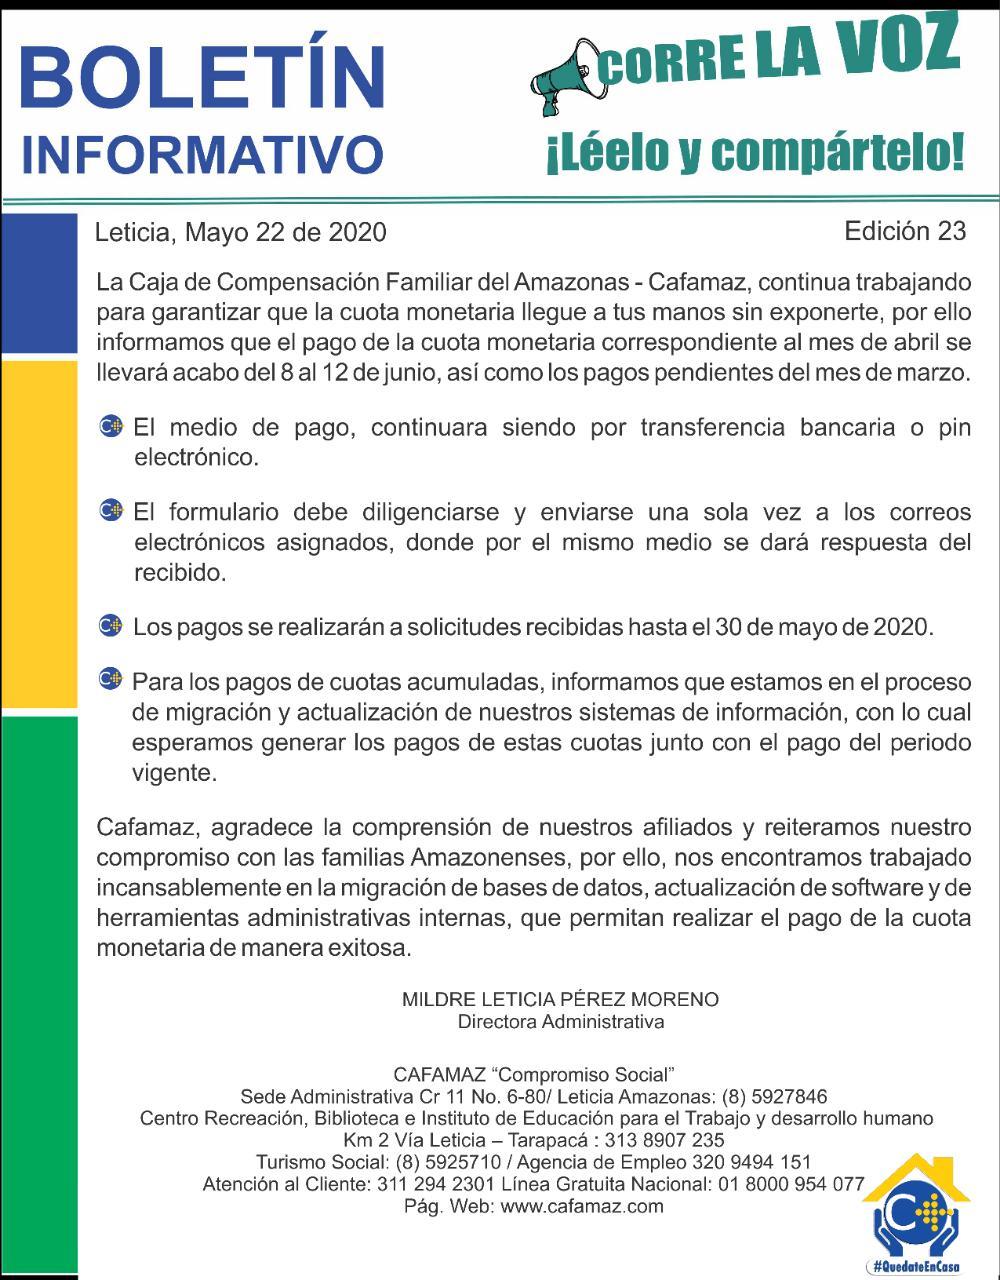 Boletín Informativo Edición 23 – INFORMACIÓN SOBRE EL PAGO DE CUOTA MONETARIA | Cafamaz, 2020